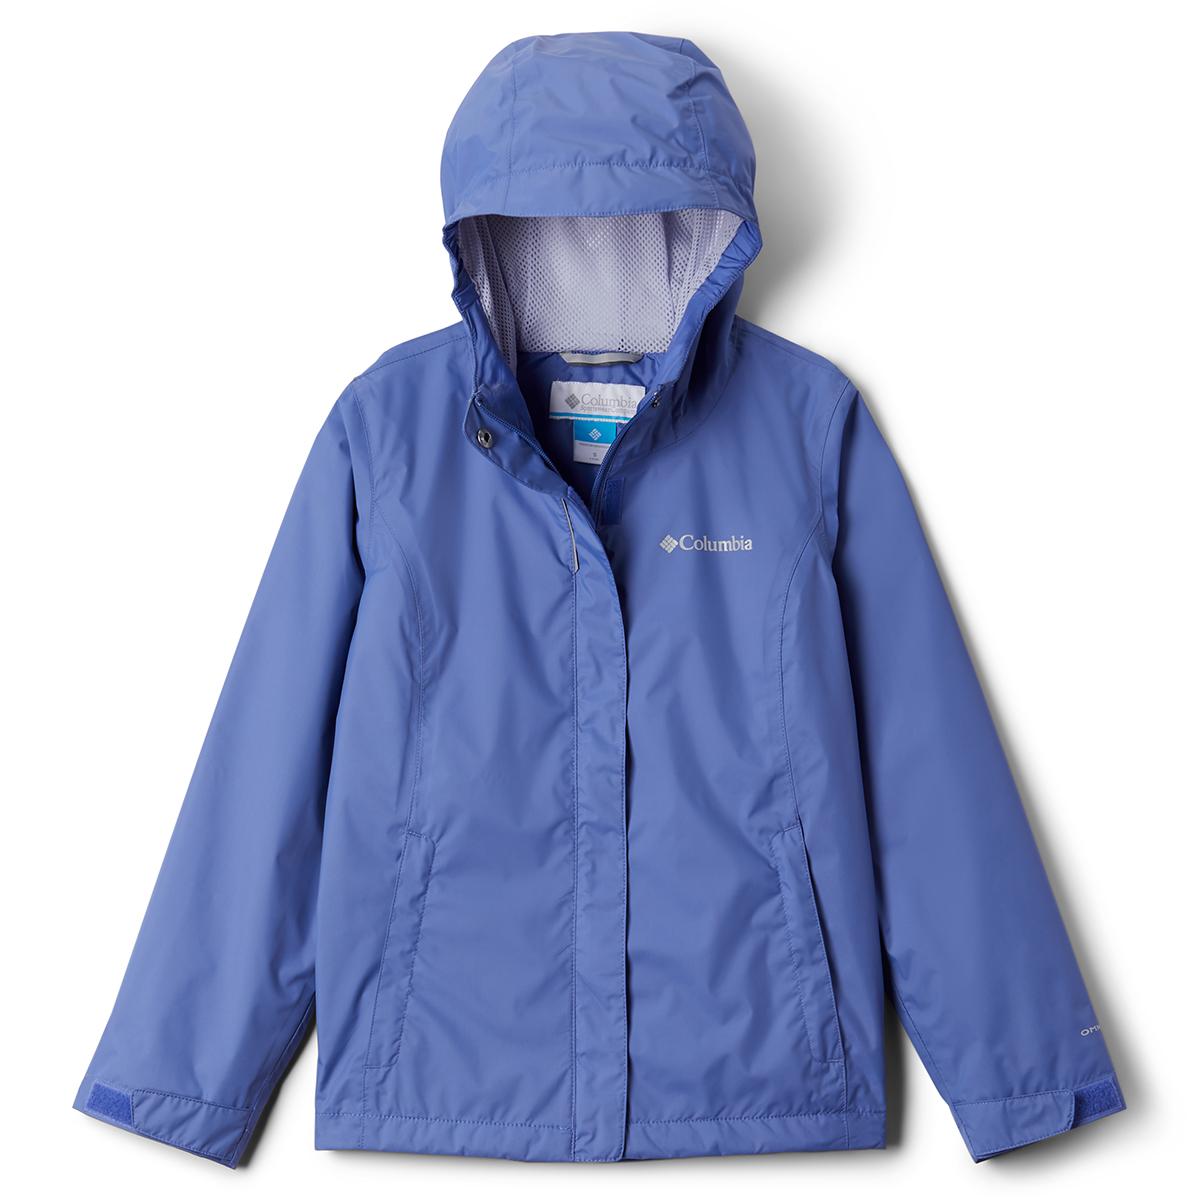 Columbia Girls' Arcadia Jacket - Blue, M